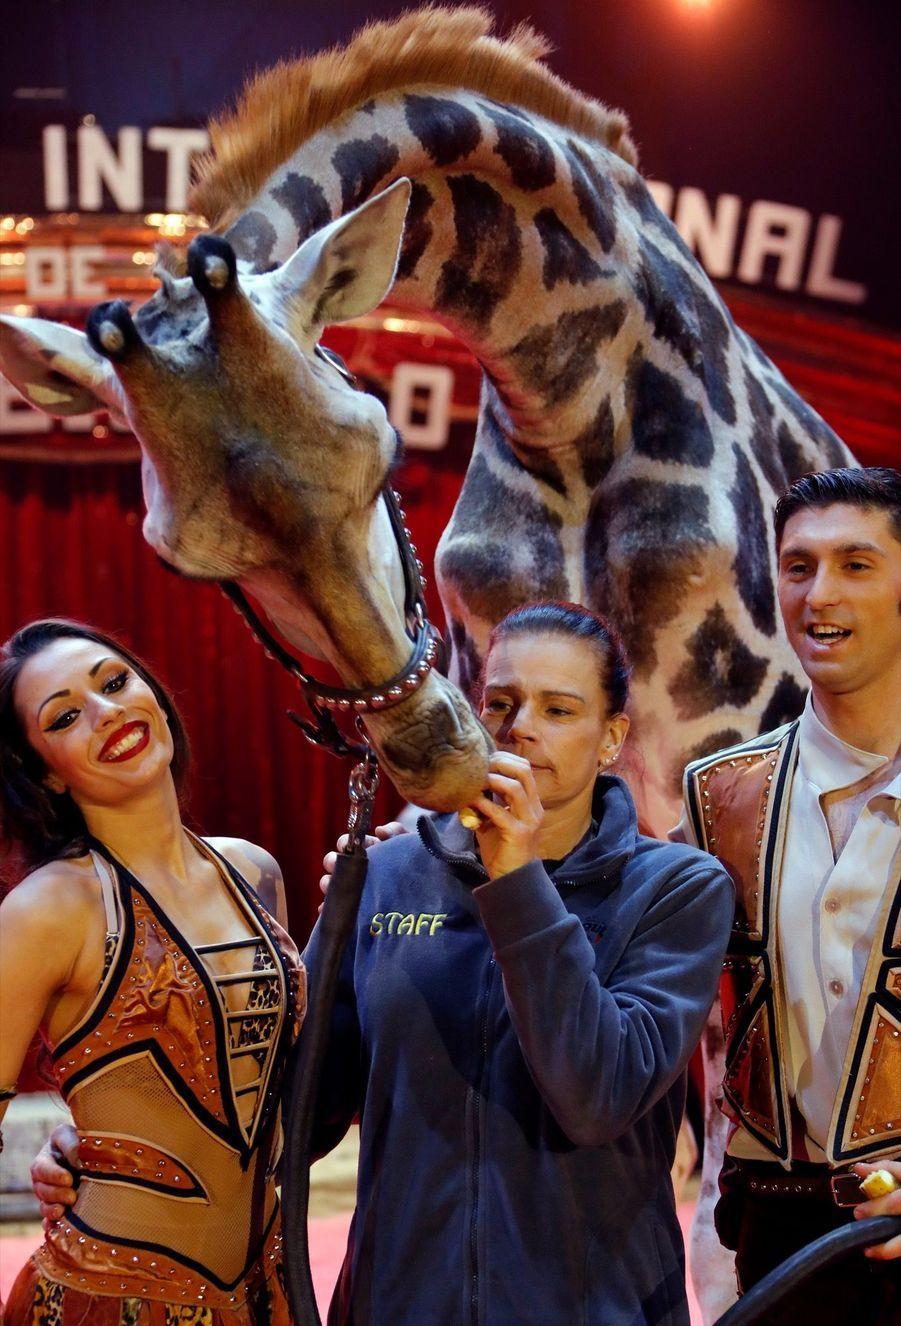 Stéphanie De Monaco Présente Le 42e Festival International Du Cirque De Monte Carlo 2